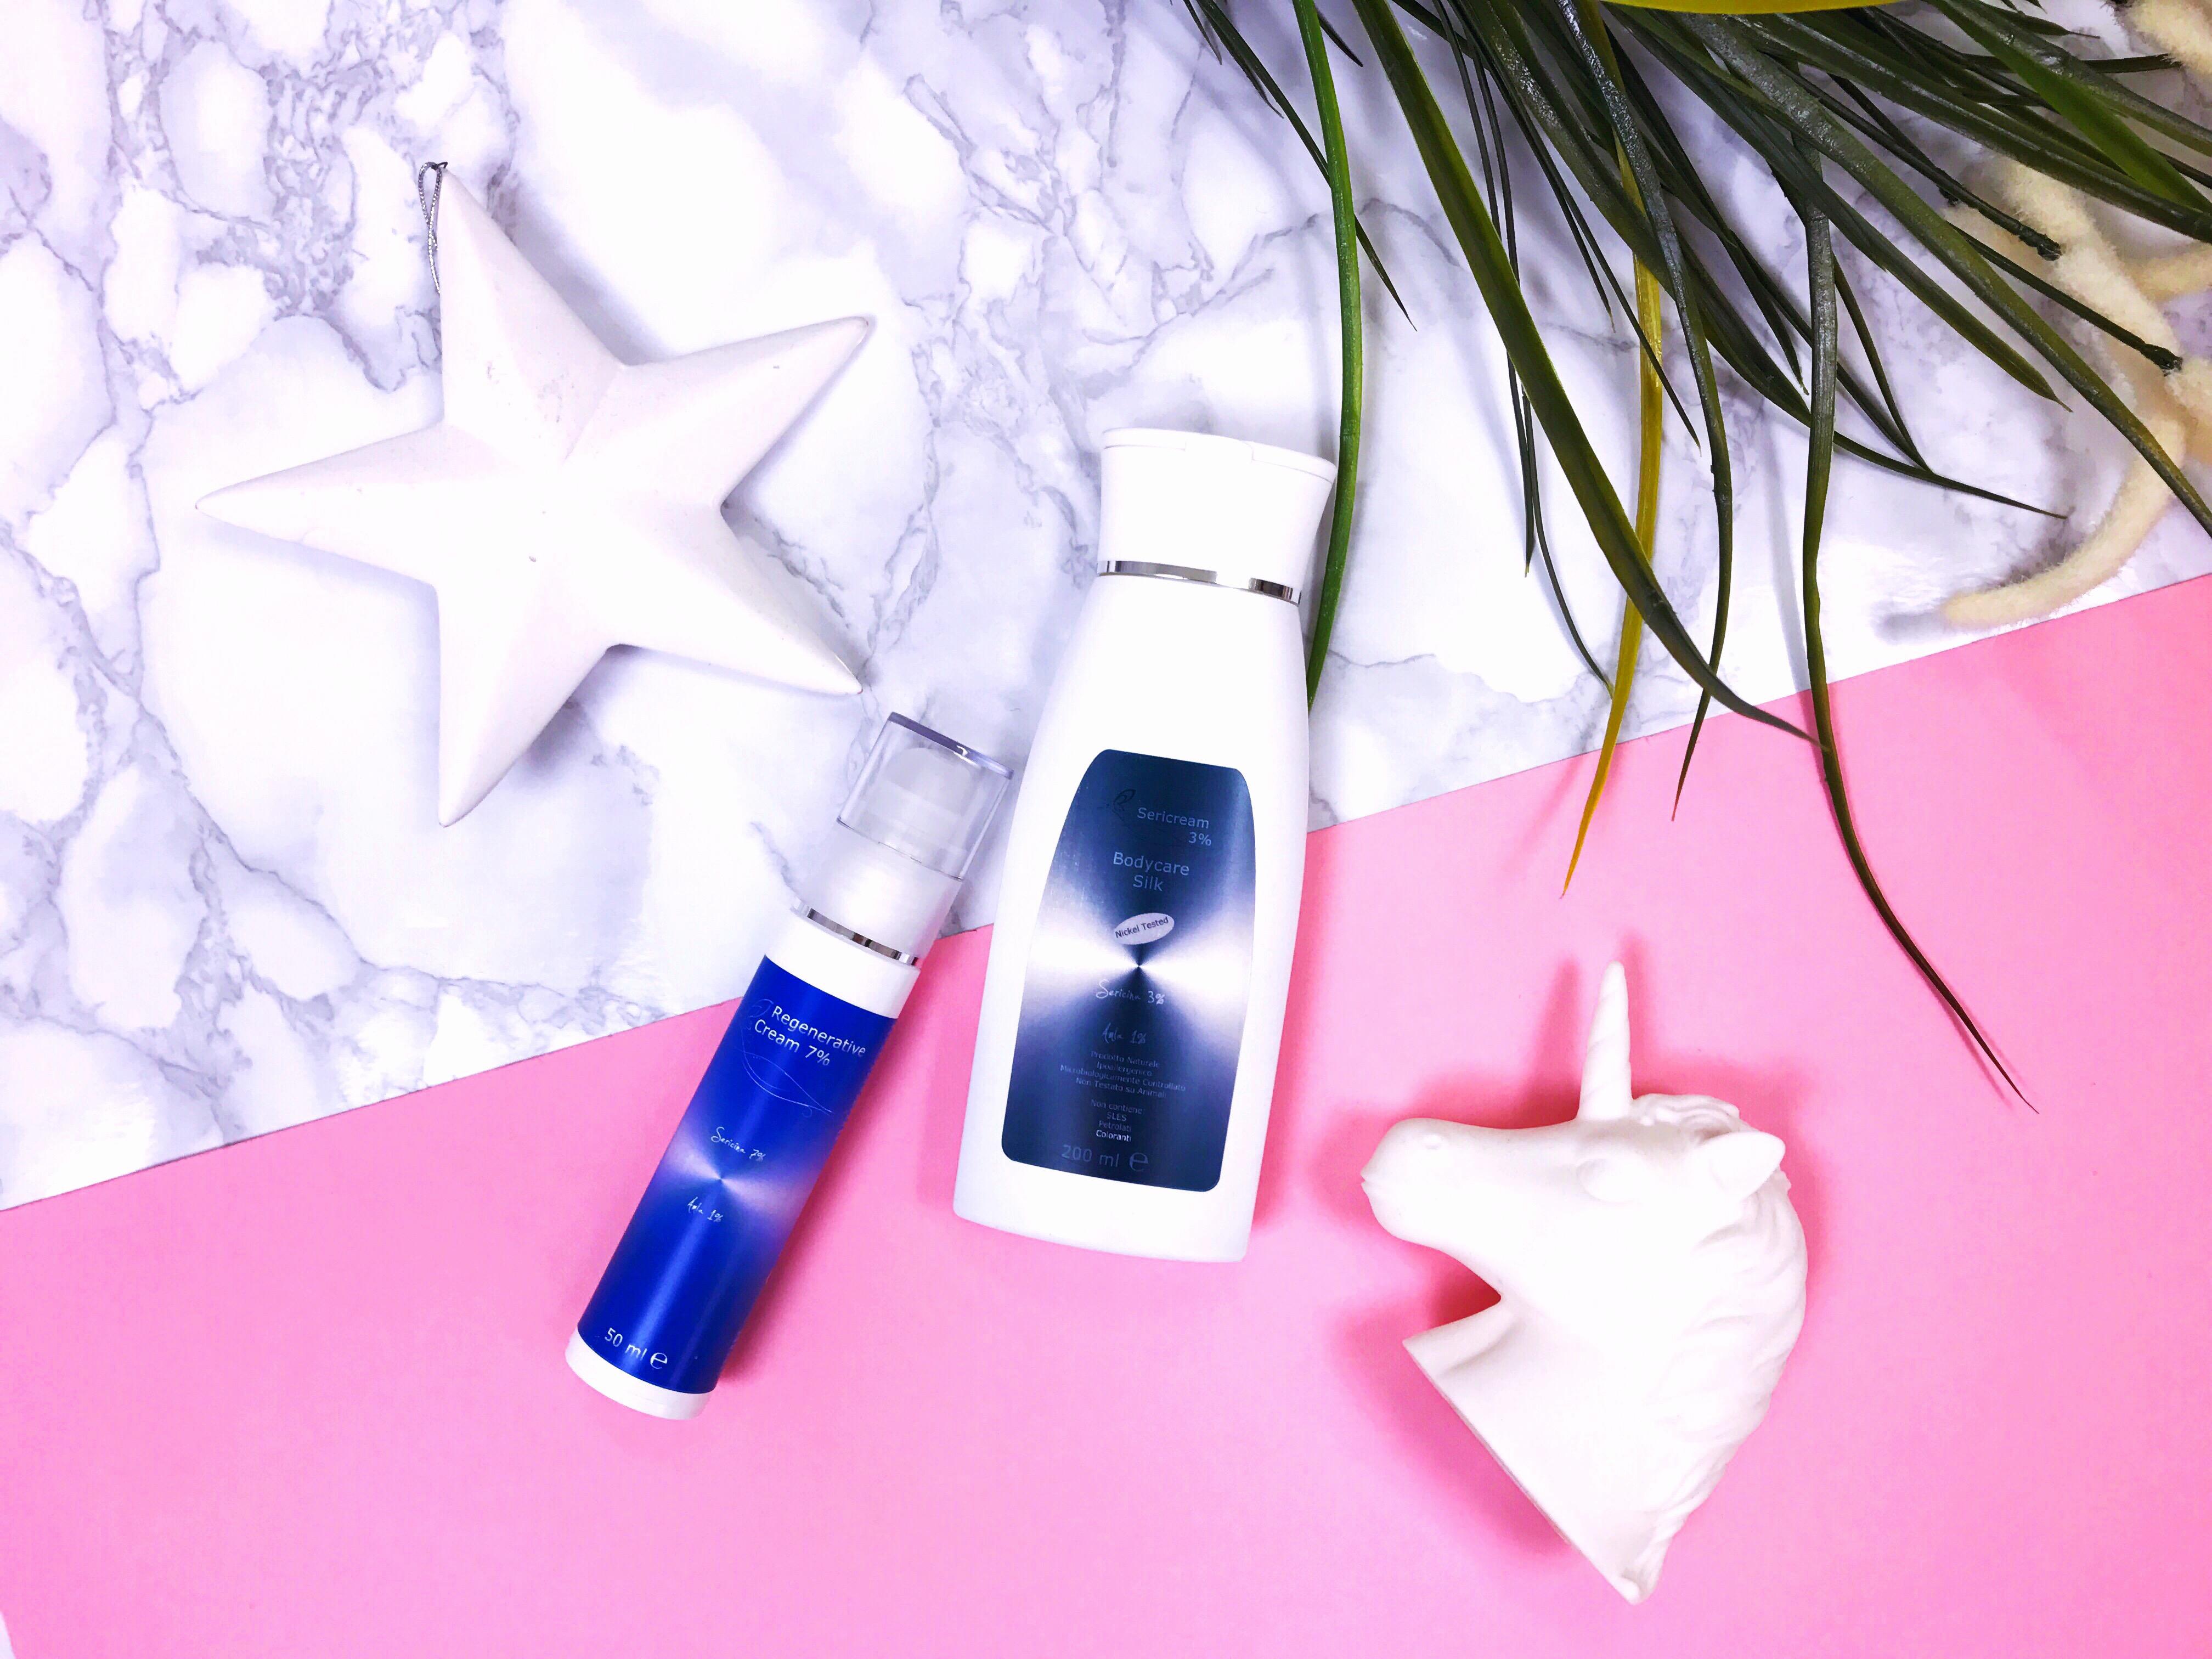 @benedettamennini's cover photo for 'SKINCARE: I prodotti cosmeceutici by Naturamla - 15 Grams of Fashion'